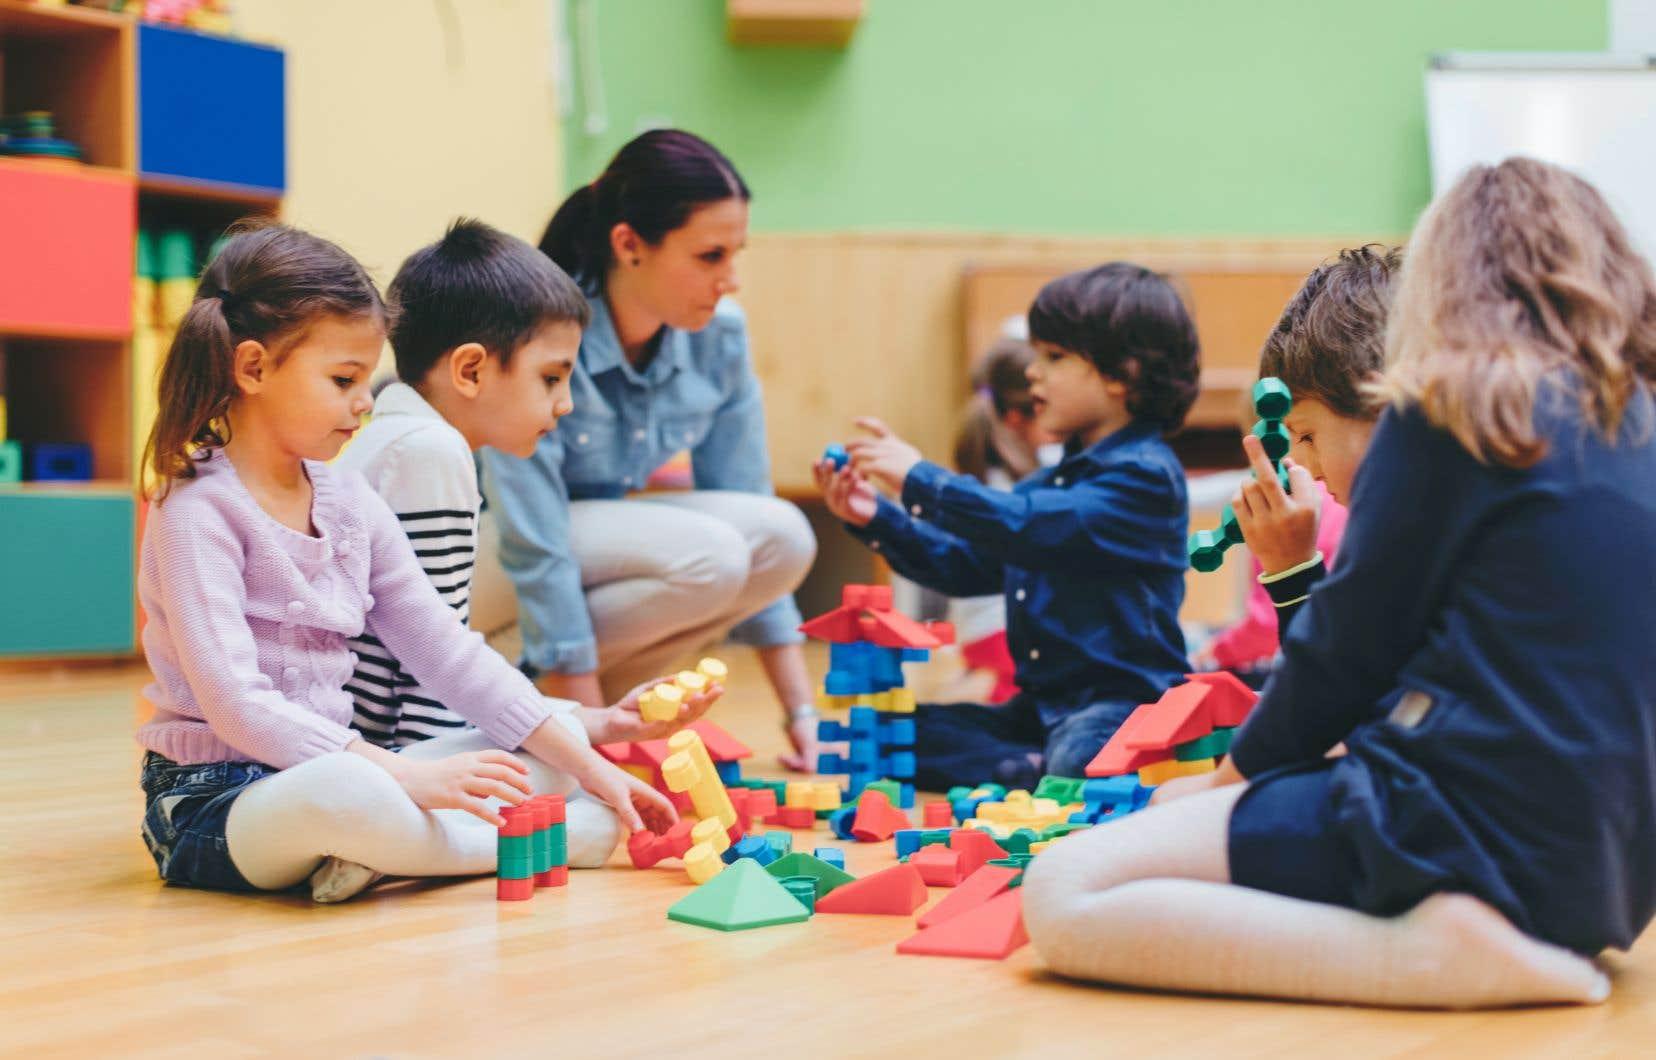 L'association québécoise des CPE voit d'un bon œil la volonté du gouvernement caquiste d'instaurer une observation plus assidue des apprentissages des enfants.